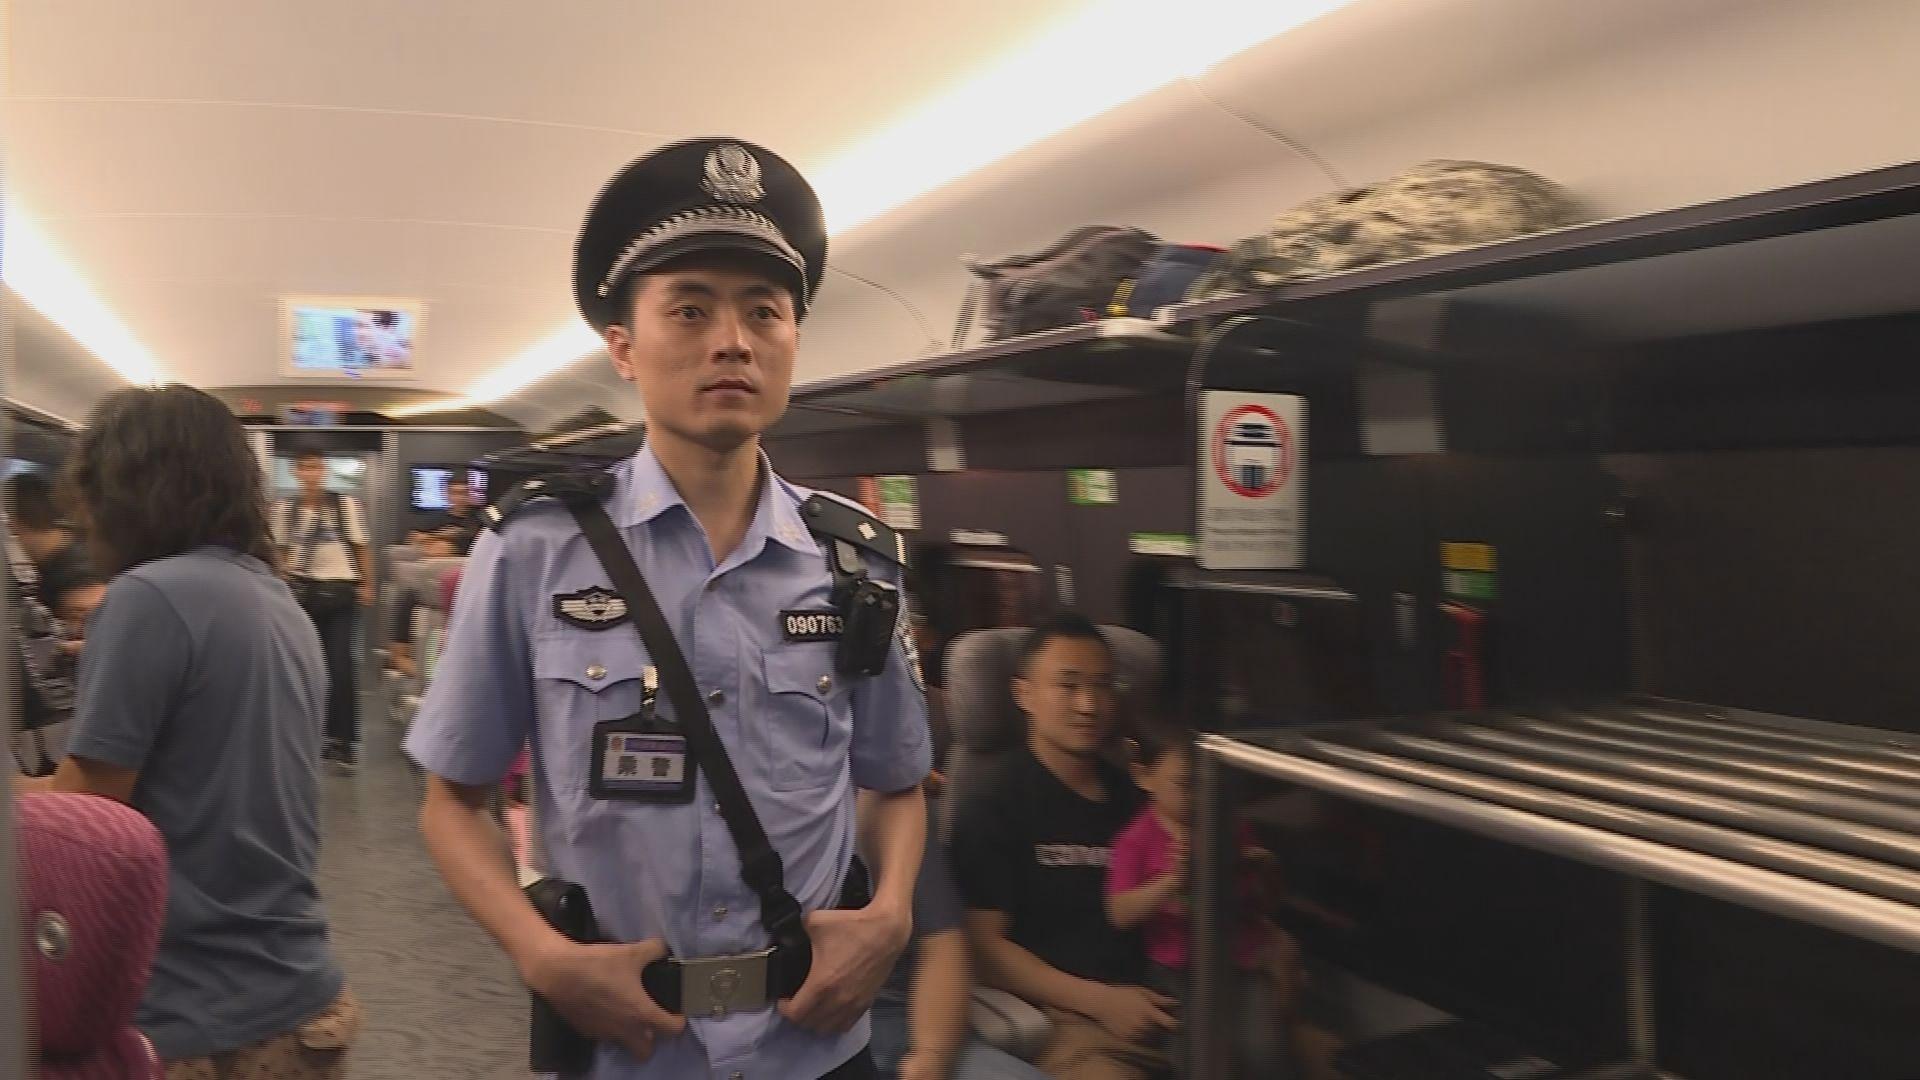 高鐵行駛期間有公安在列車上巡邏